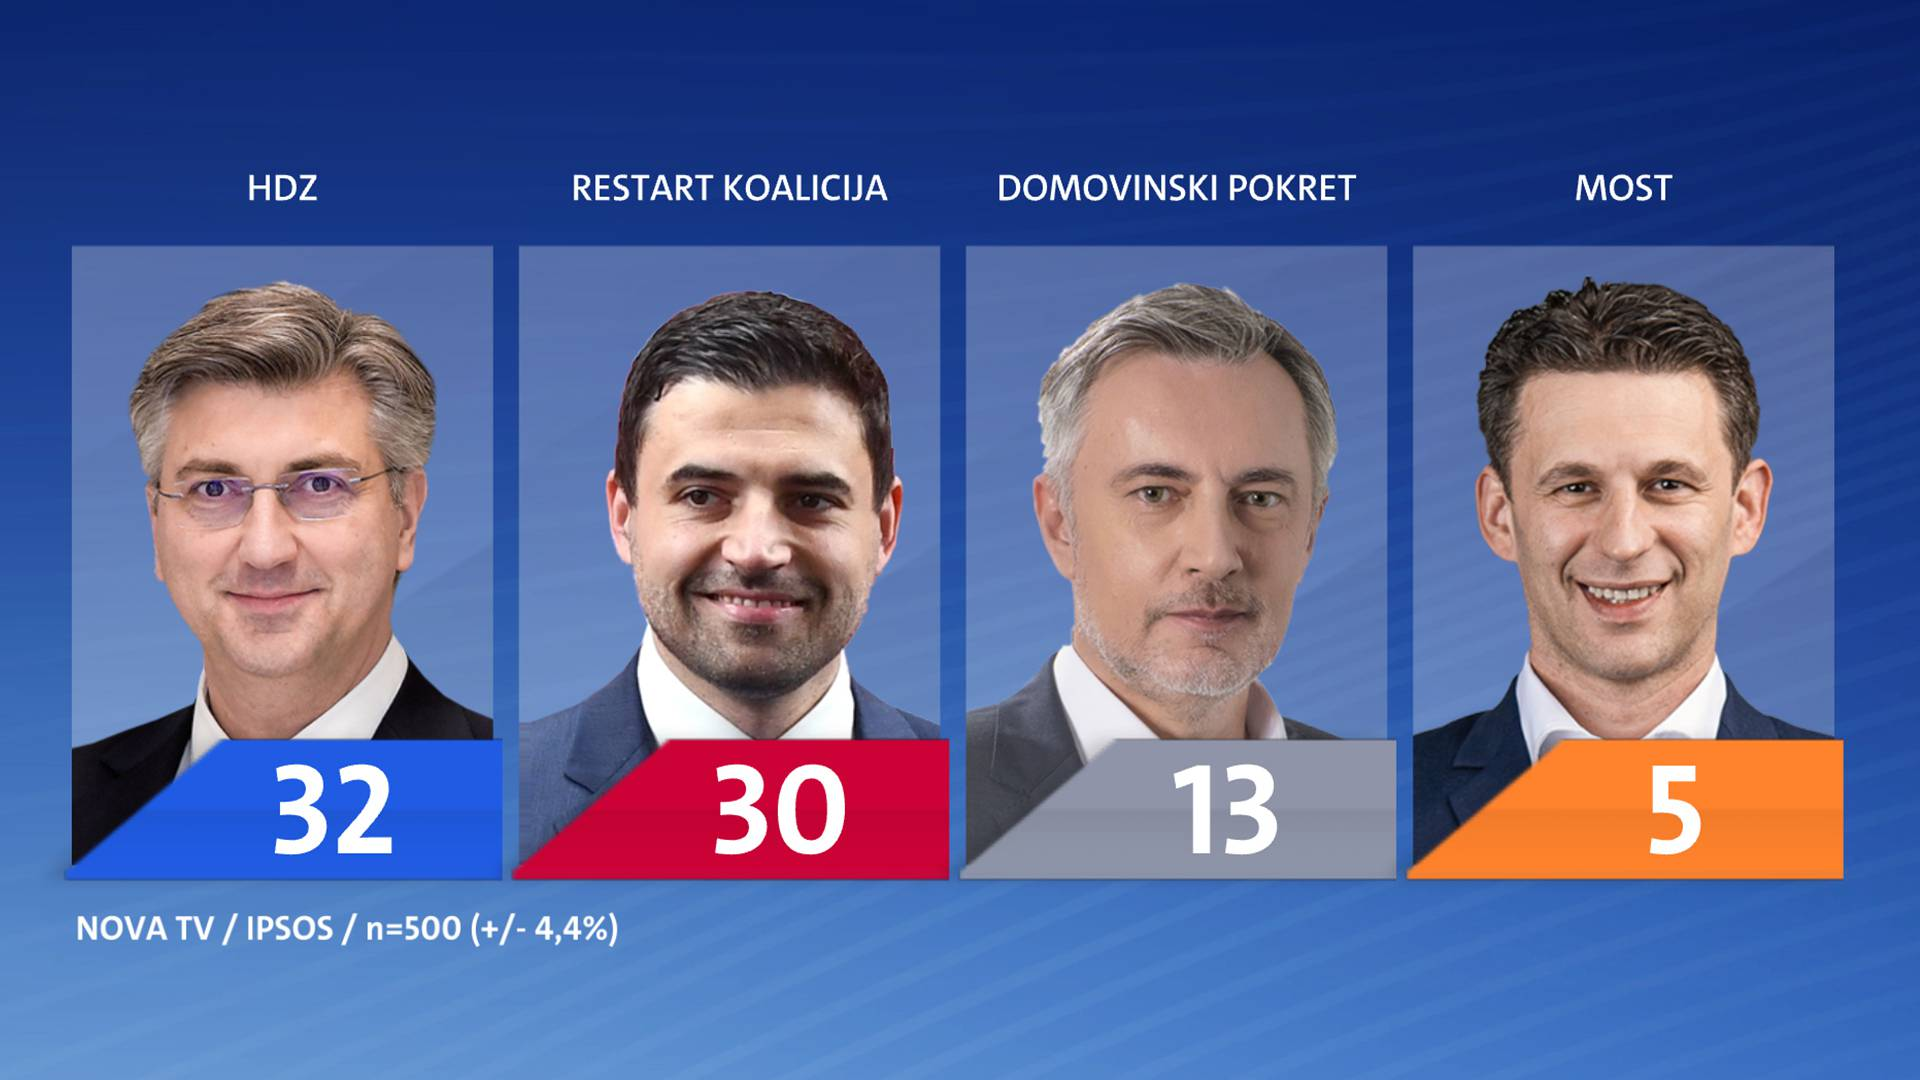 Restartu ljevica u Istri odnosi mandate, u Sabor ulazi Peović i Puljak, a Most raste na jugu